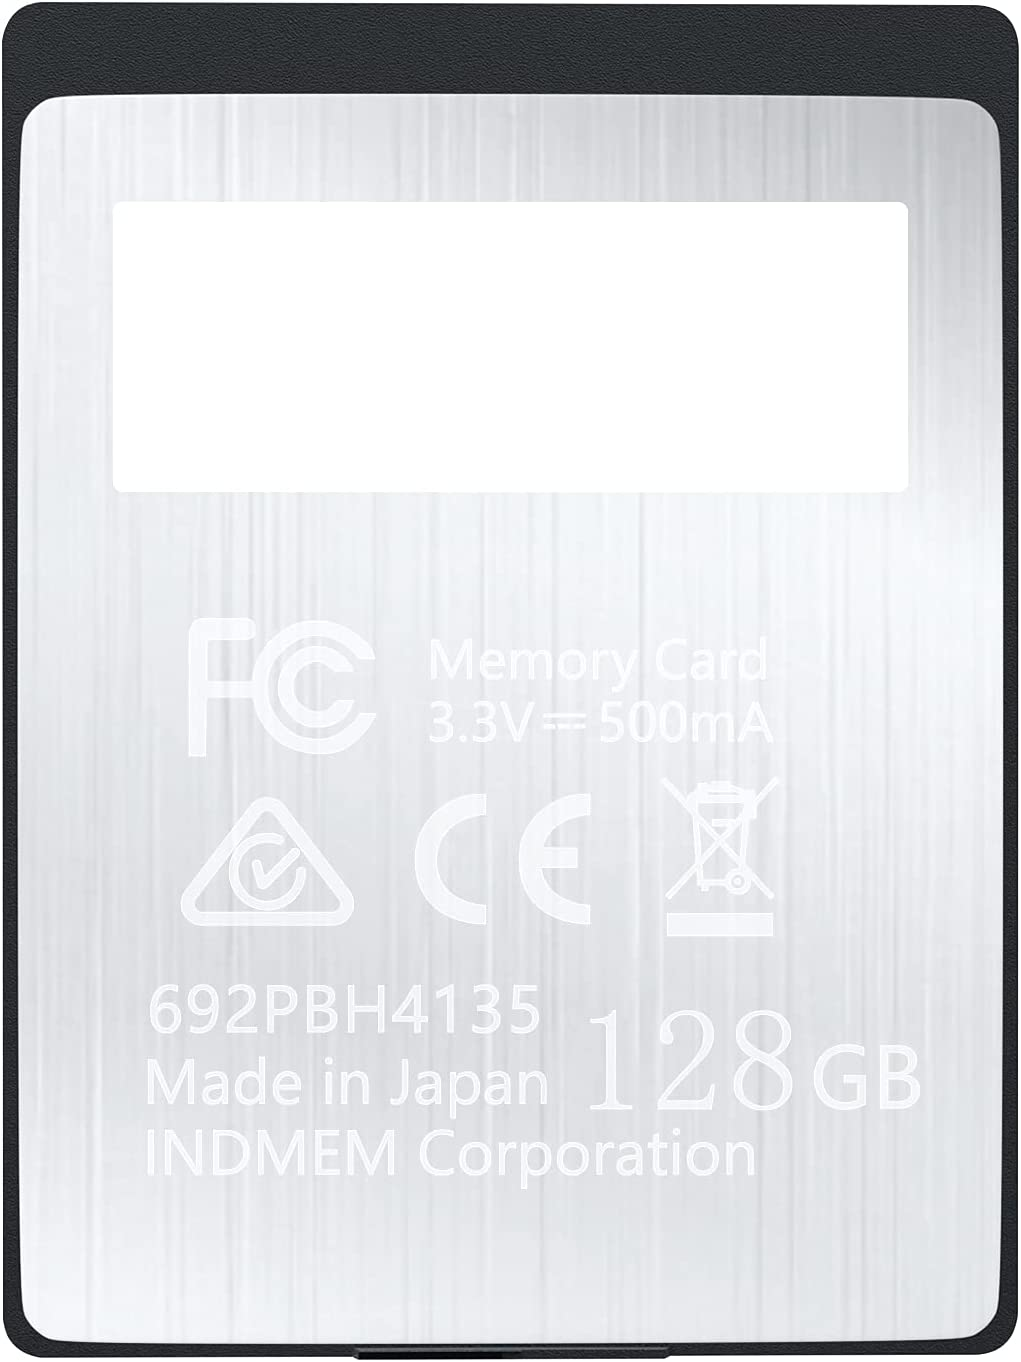 XQD 128GB Memory Card, 5X Tough MLC XQD Flash Memory Card High Speed G Series| Max Read 440MB/s, Max Write 400MB/s